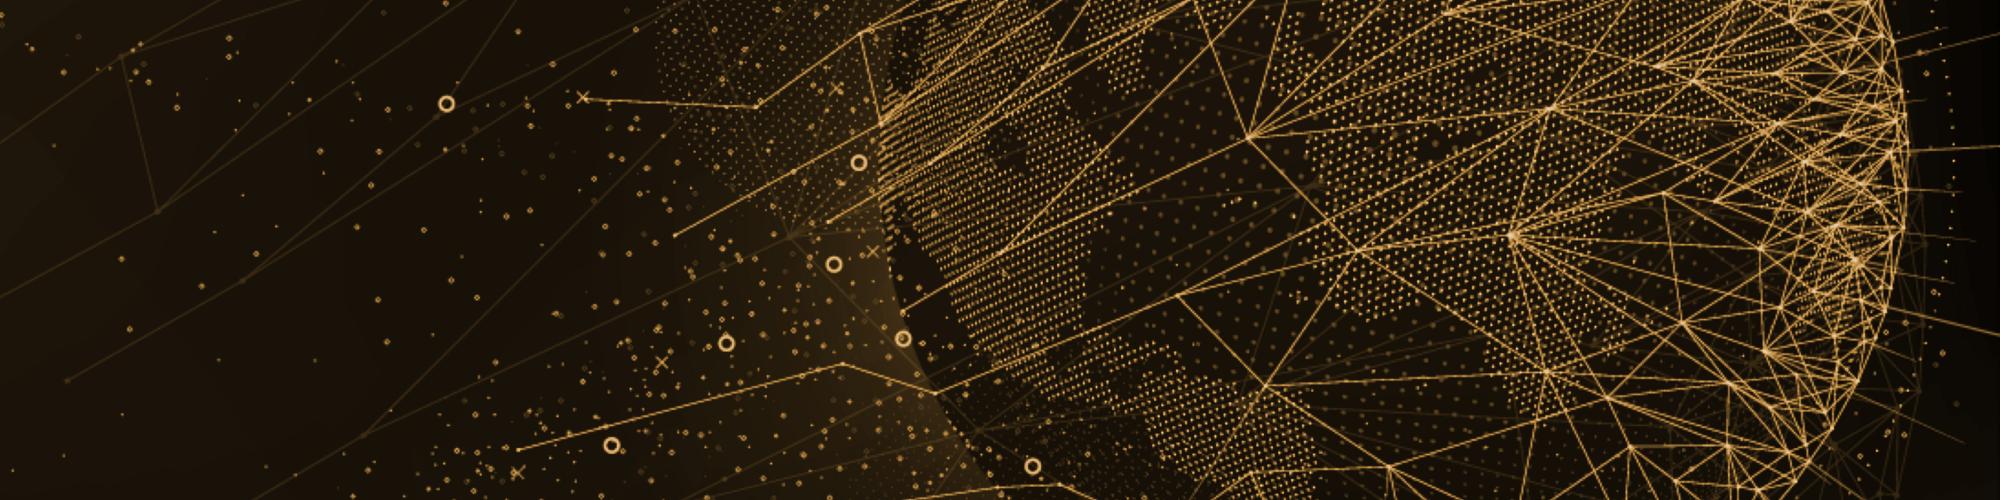 Dataset: WikiLinkGraphs' RawWikilinks feature image